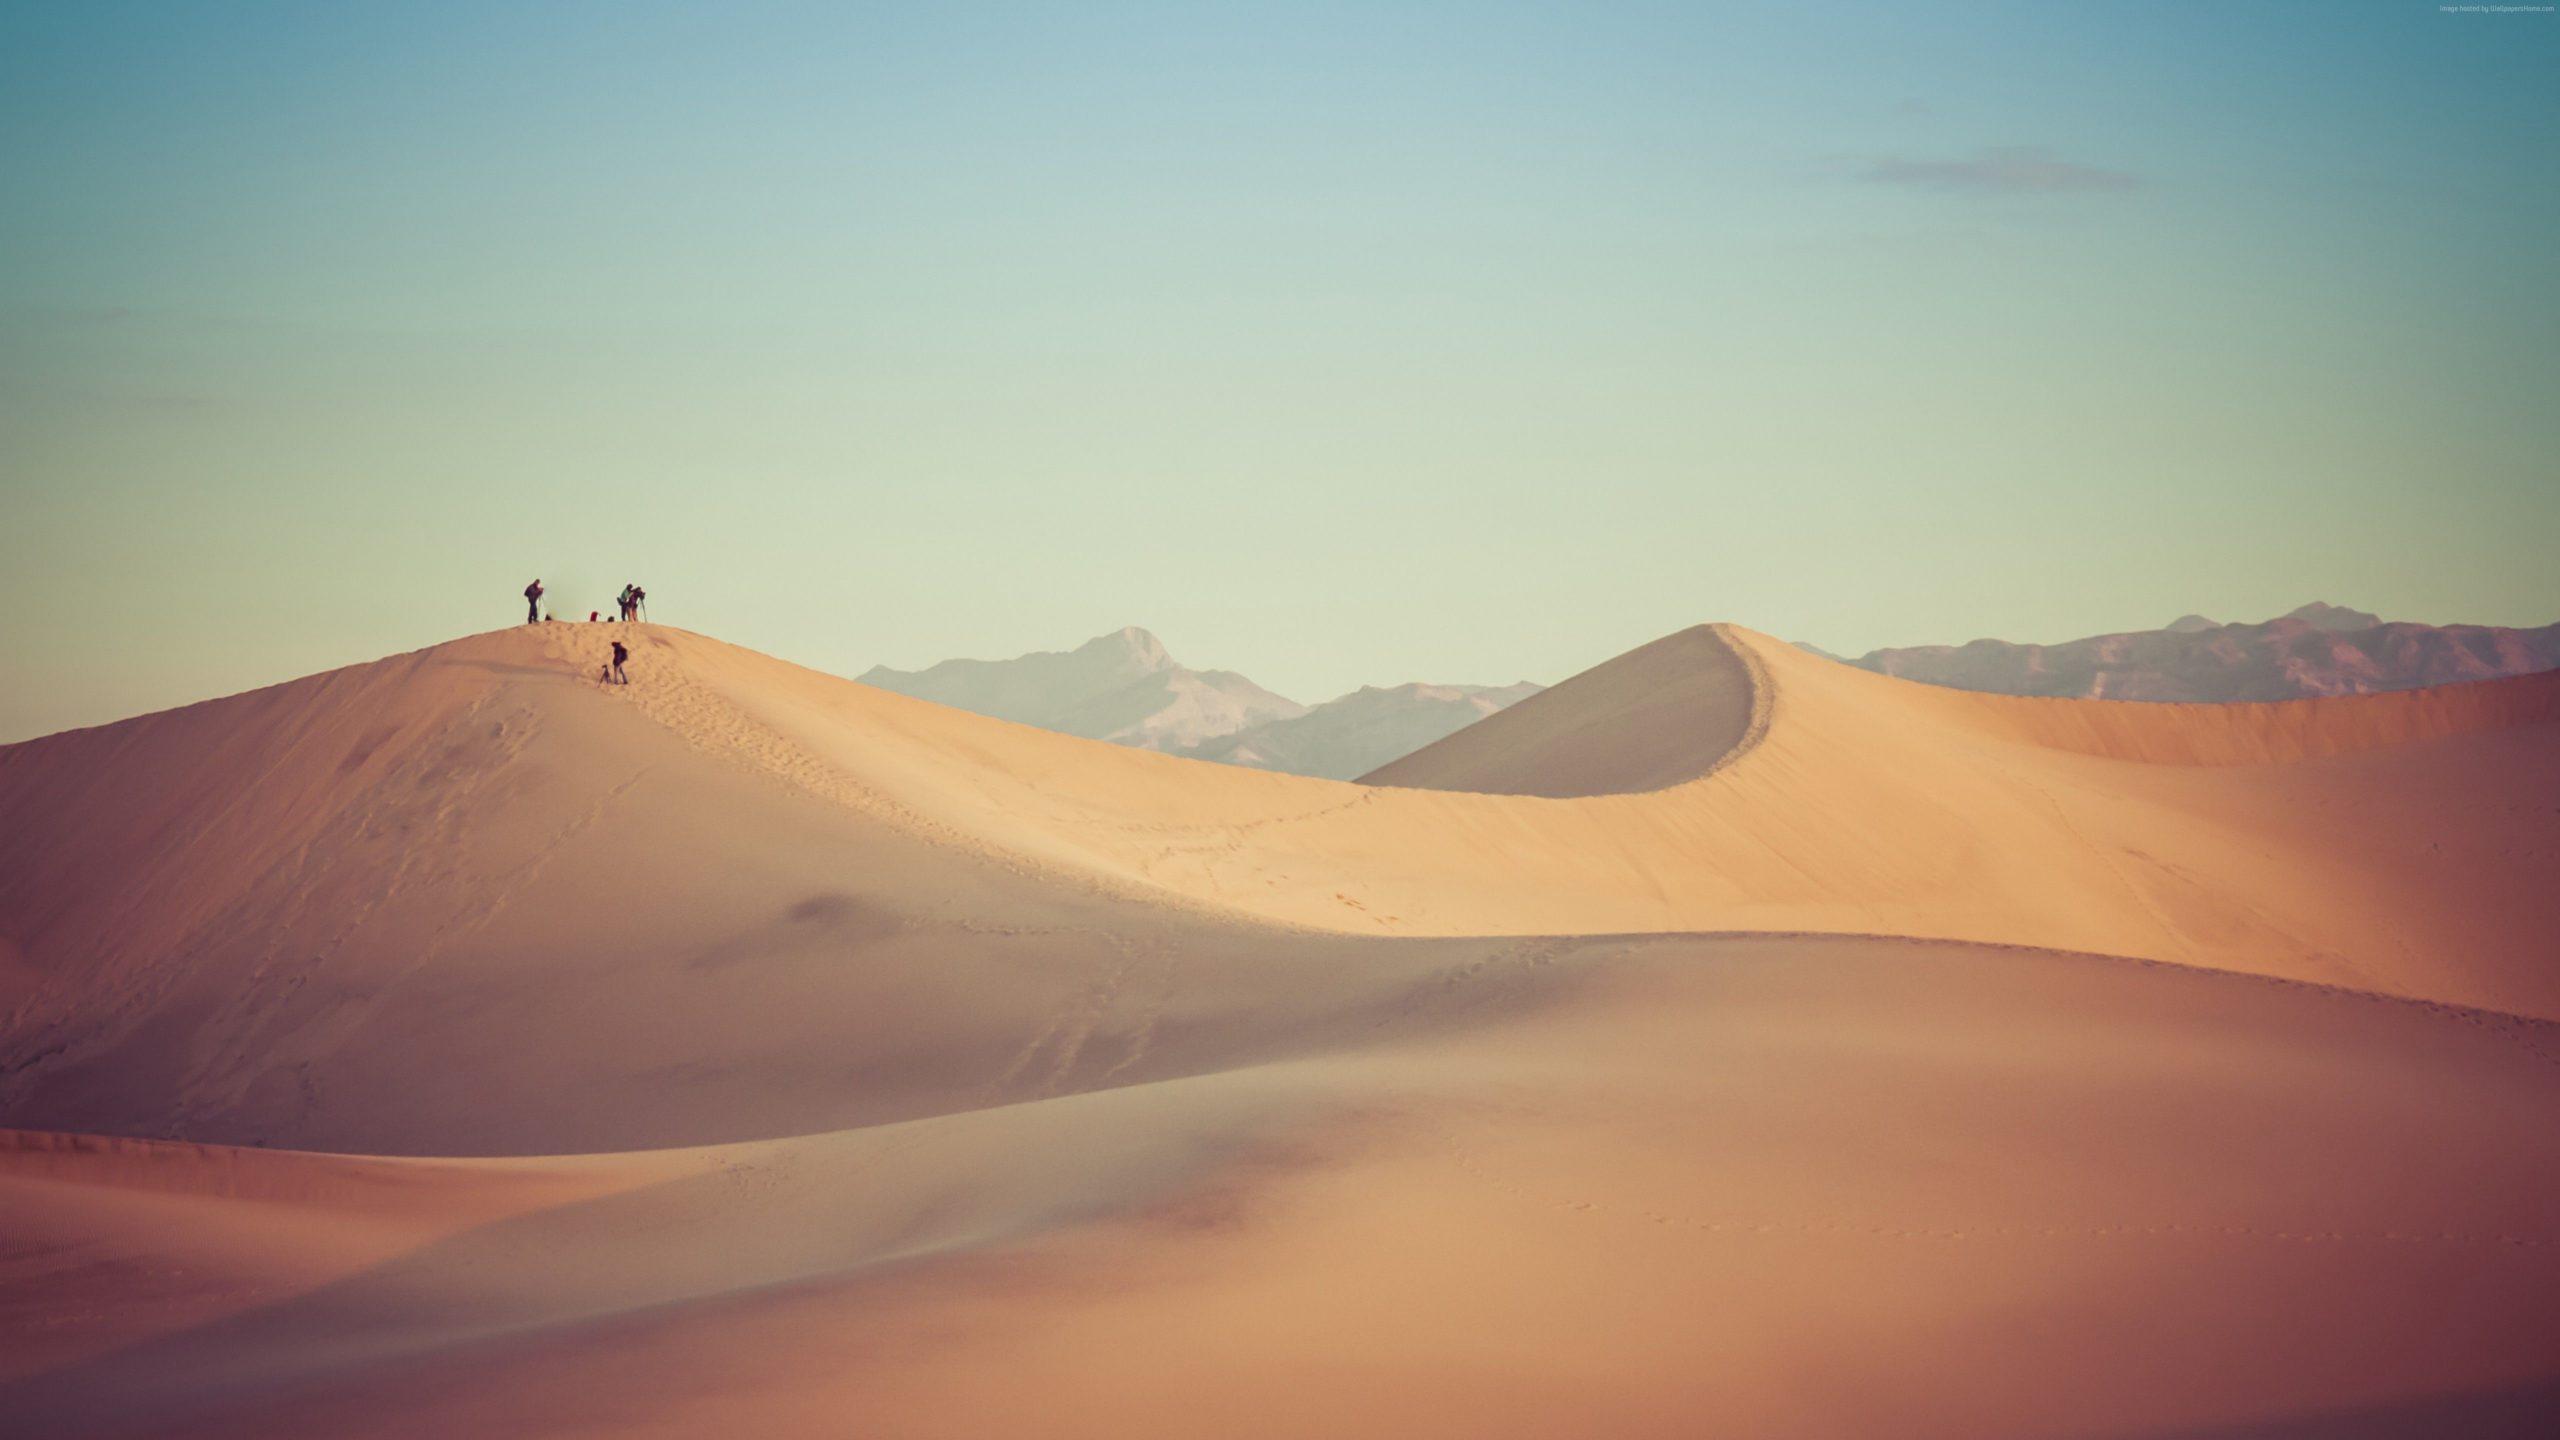 pics of desert